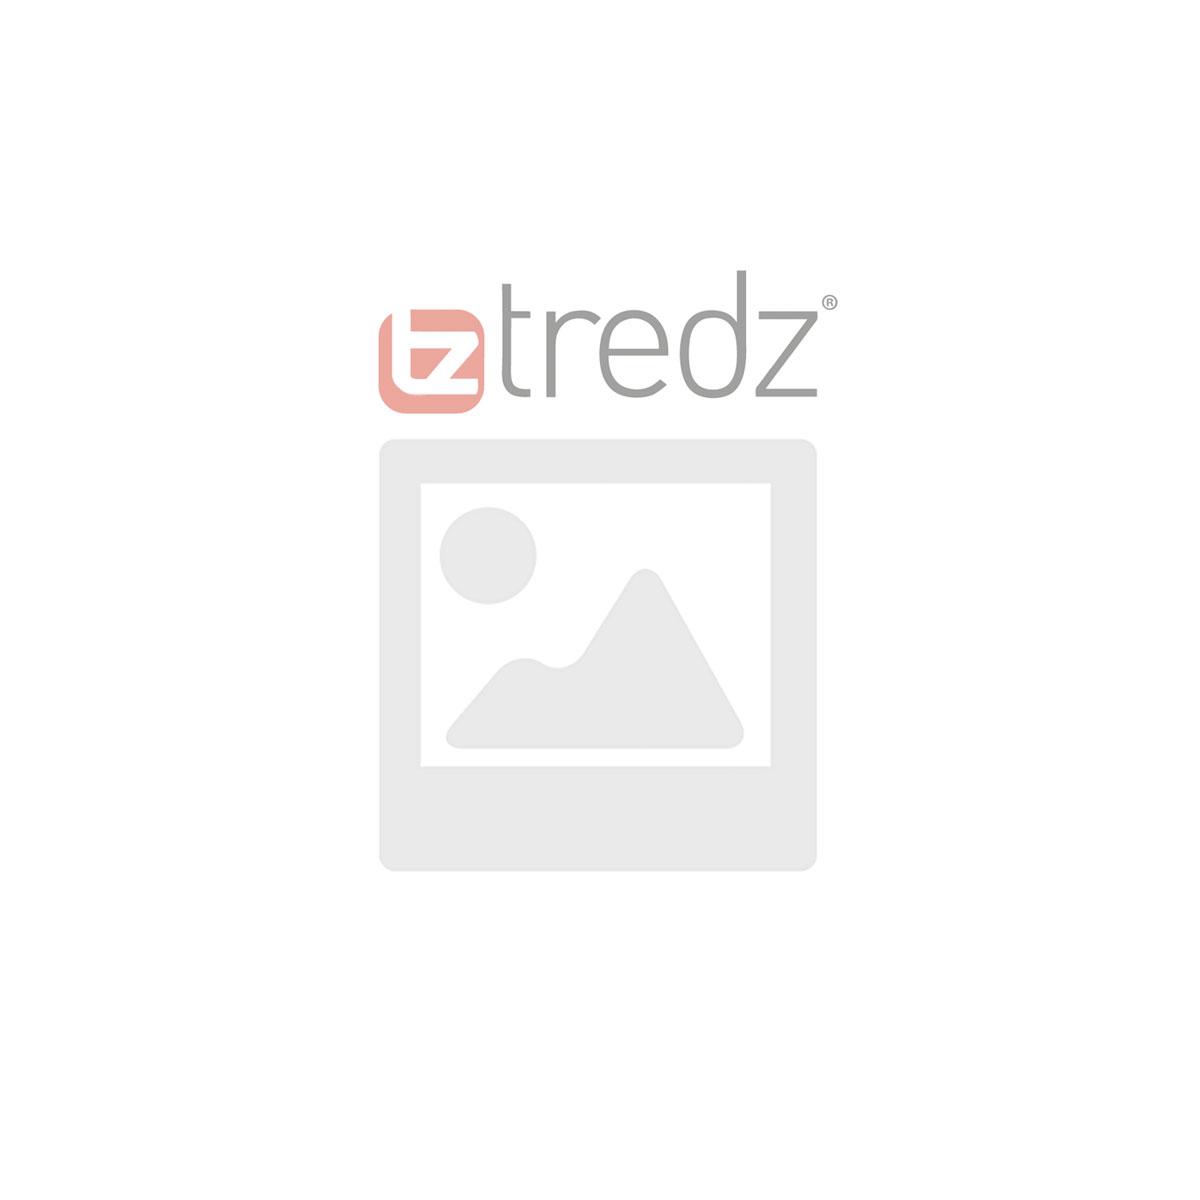 DT Swiss Freehub Conversion Kit for Shimano MTB | Freehub body